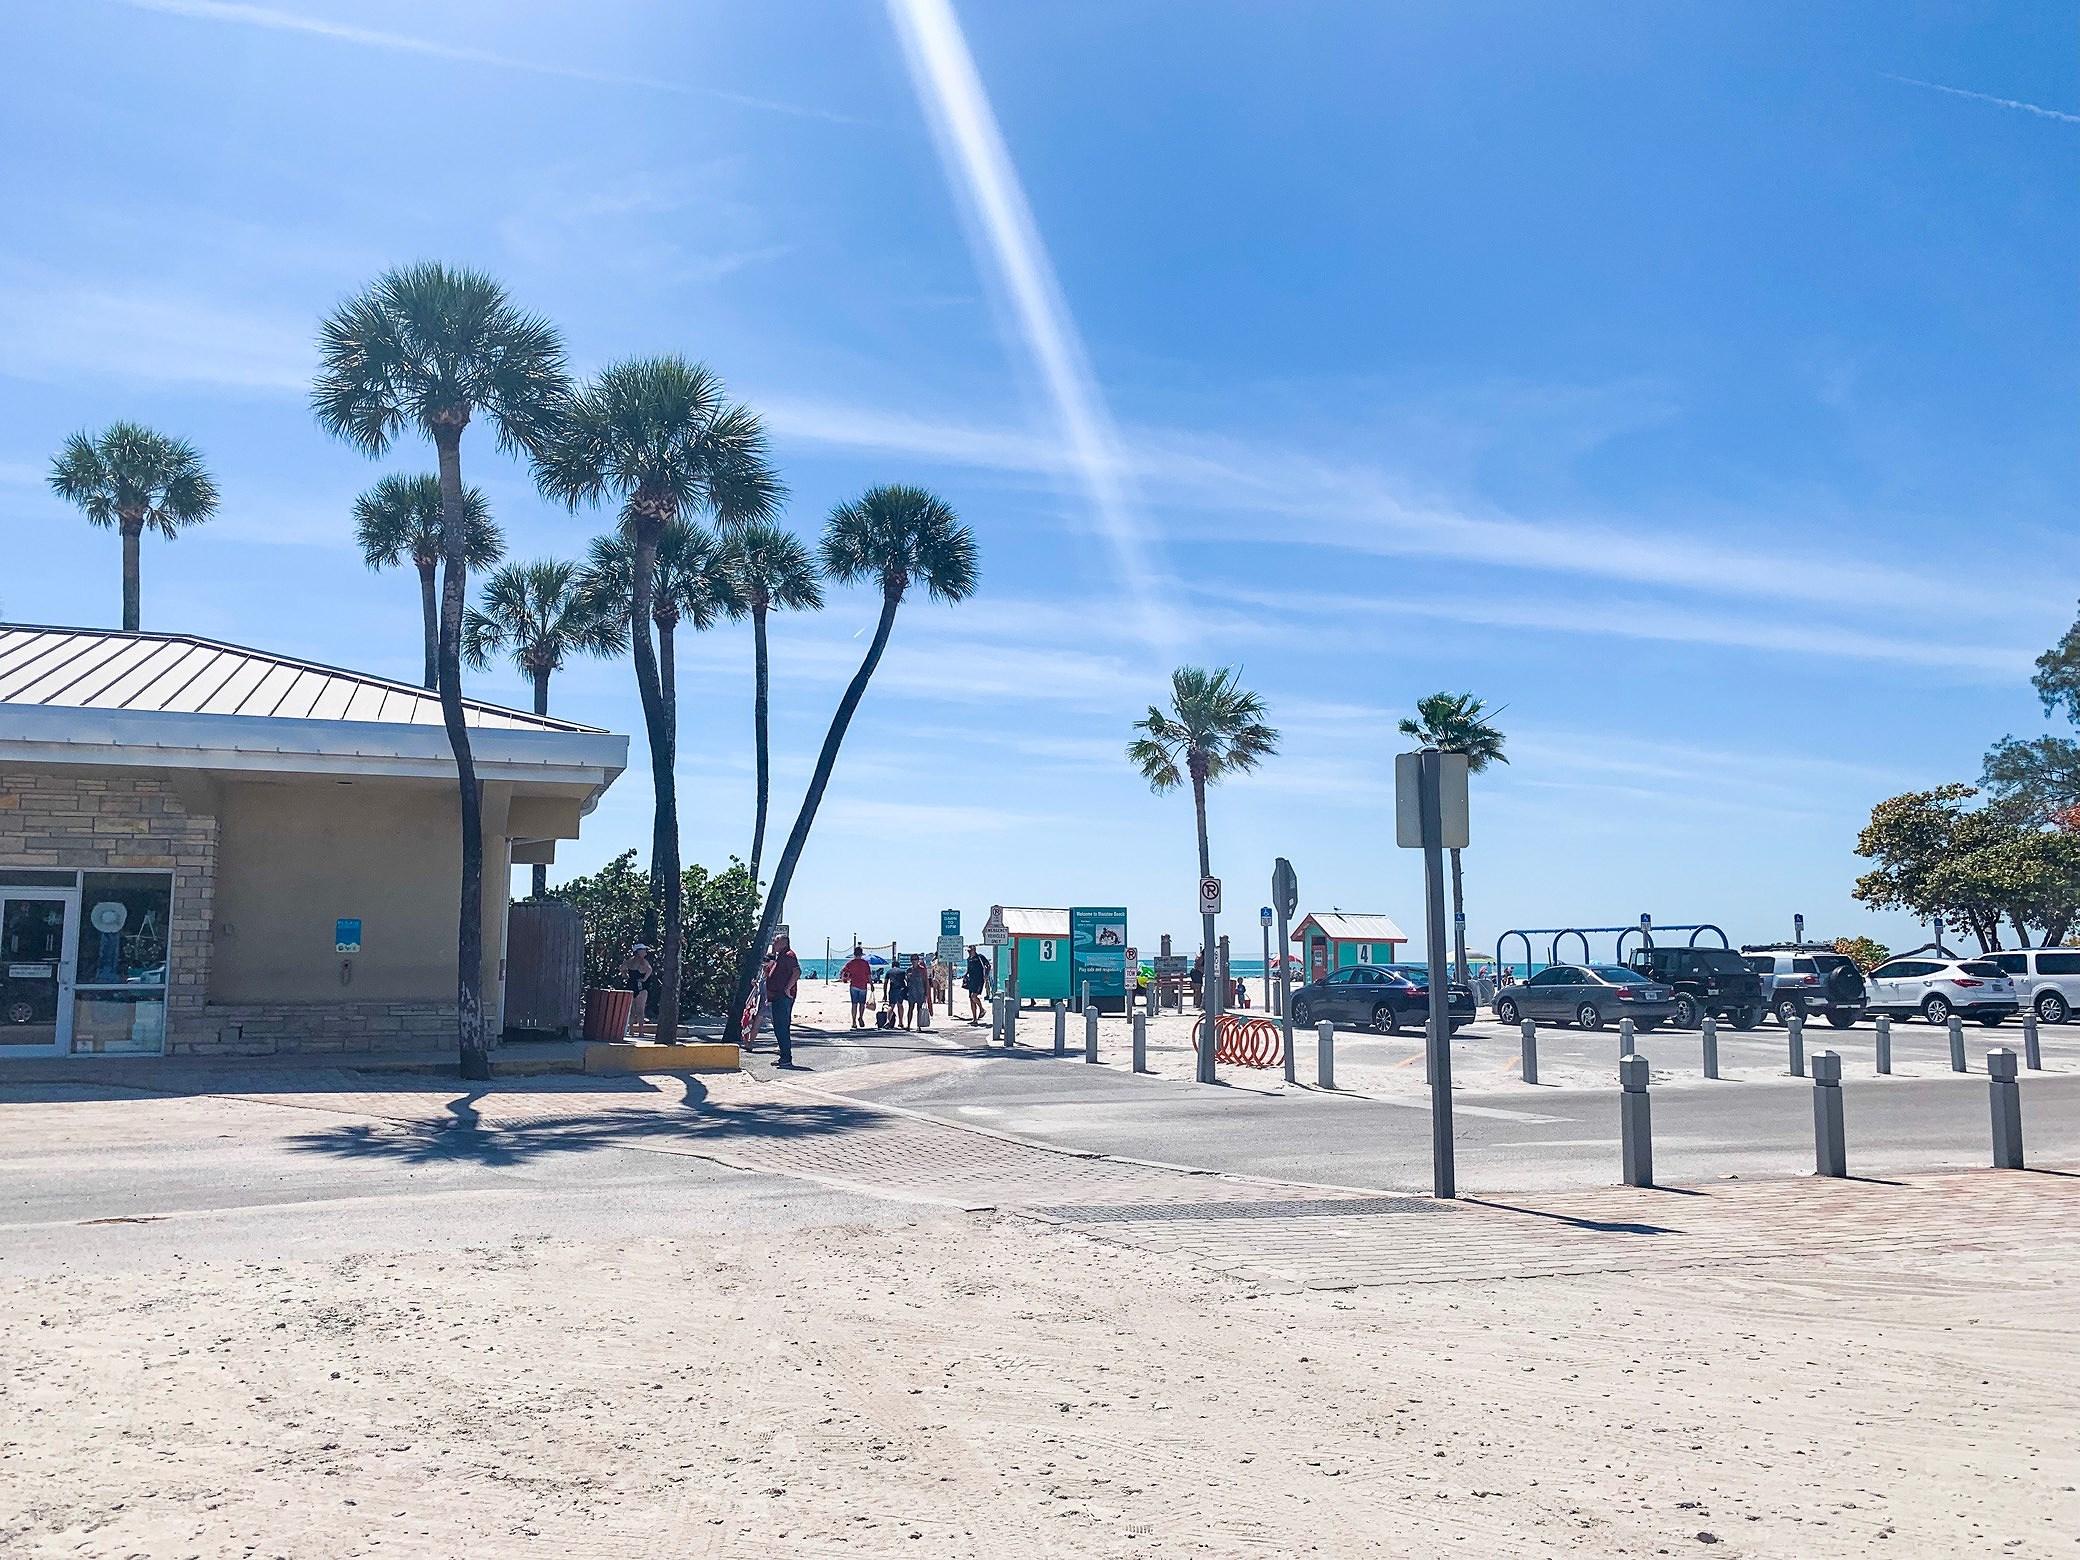 Dag 6 i Florida - Anna Maria Island